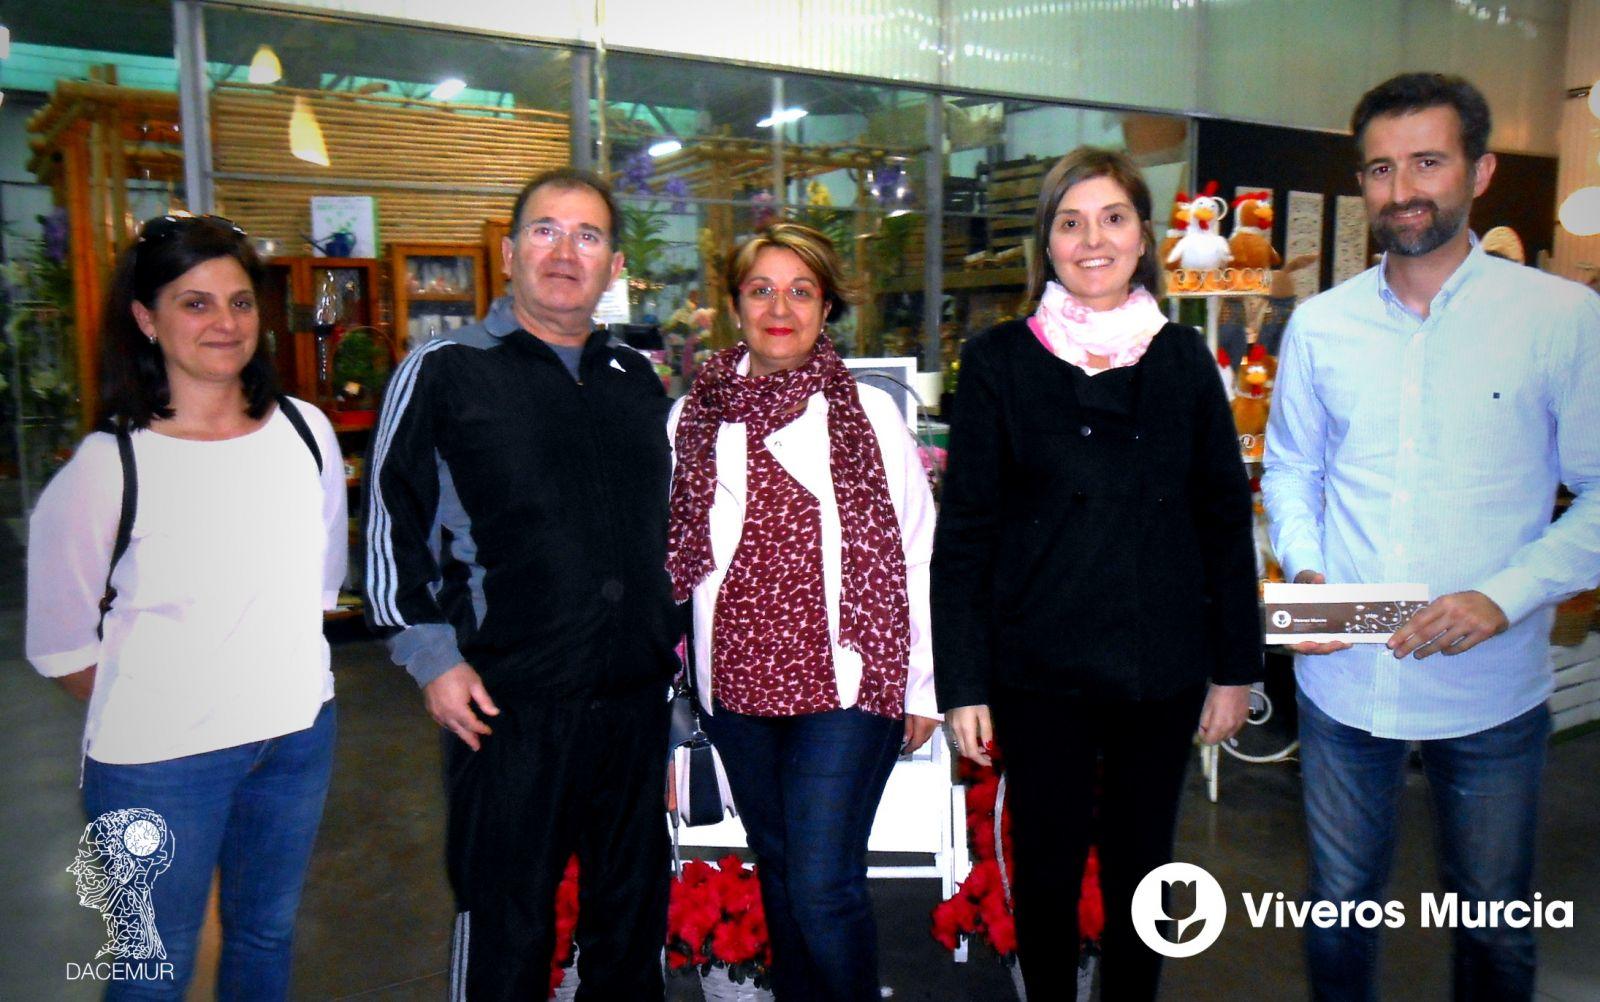 Viveros Murcia recauda 420€ en donativos para DACEMUR